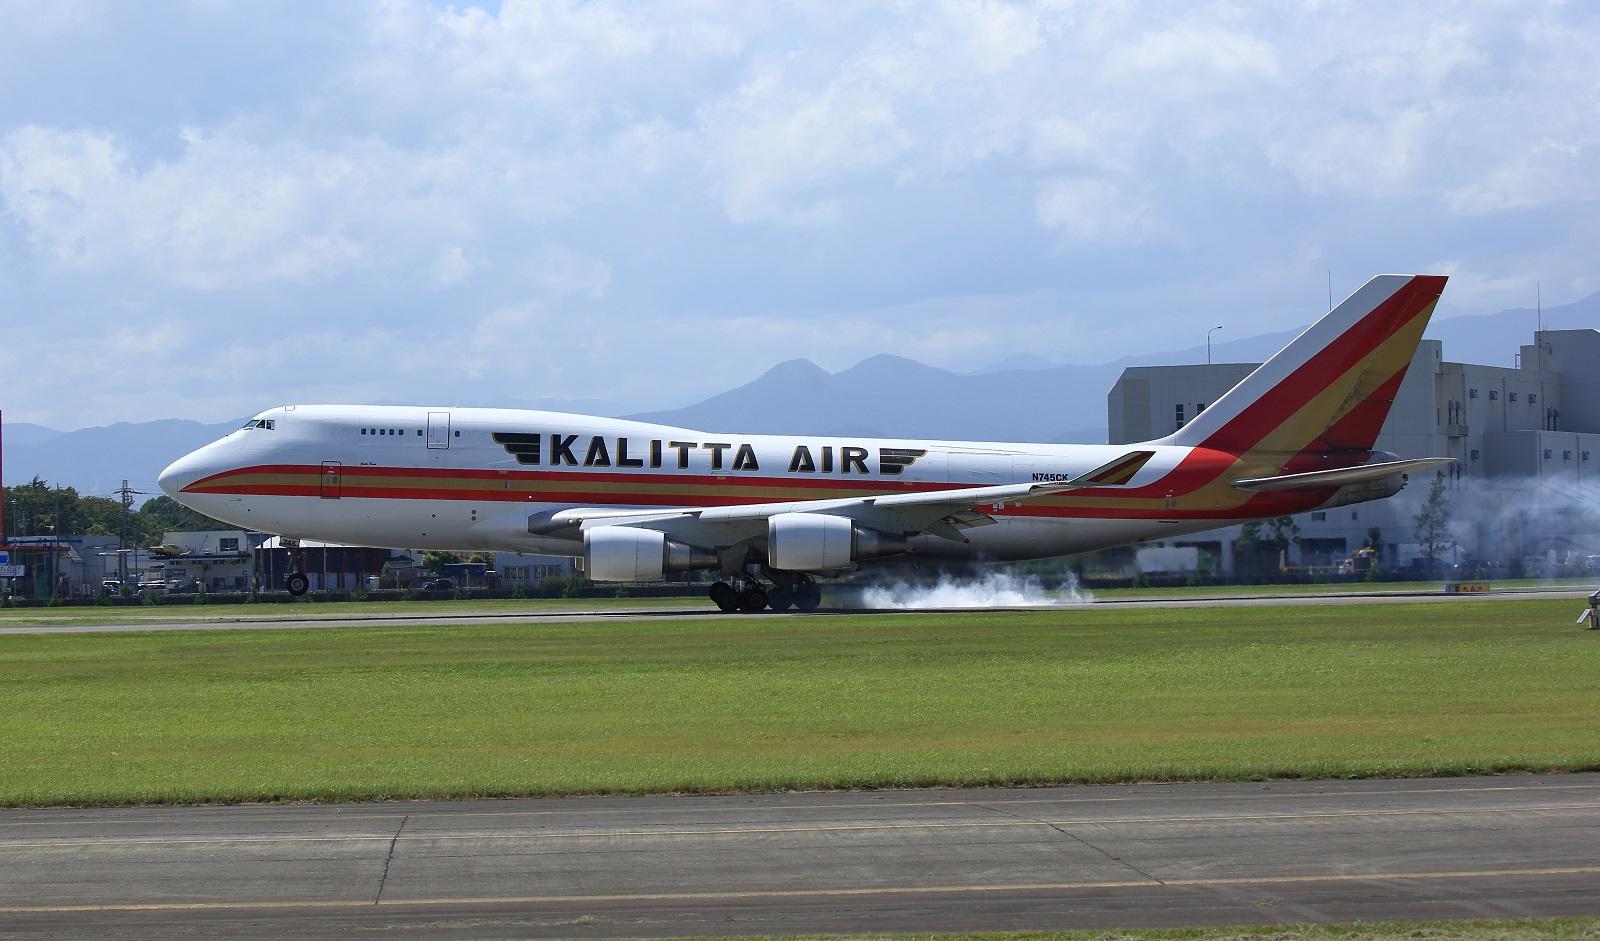 Kalitta180821tk488